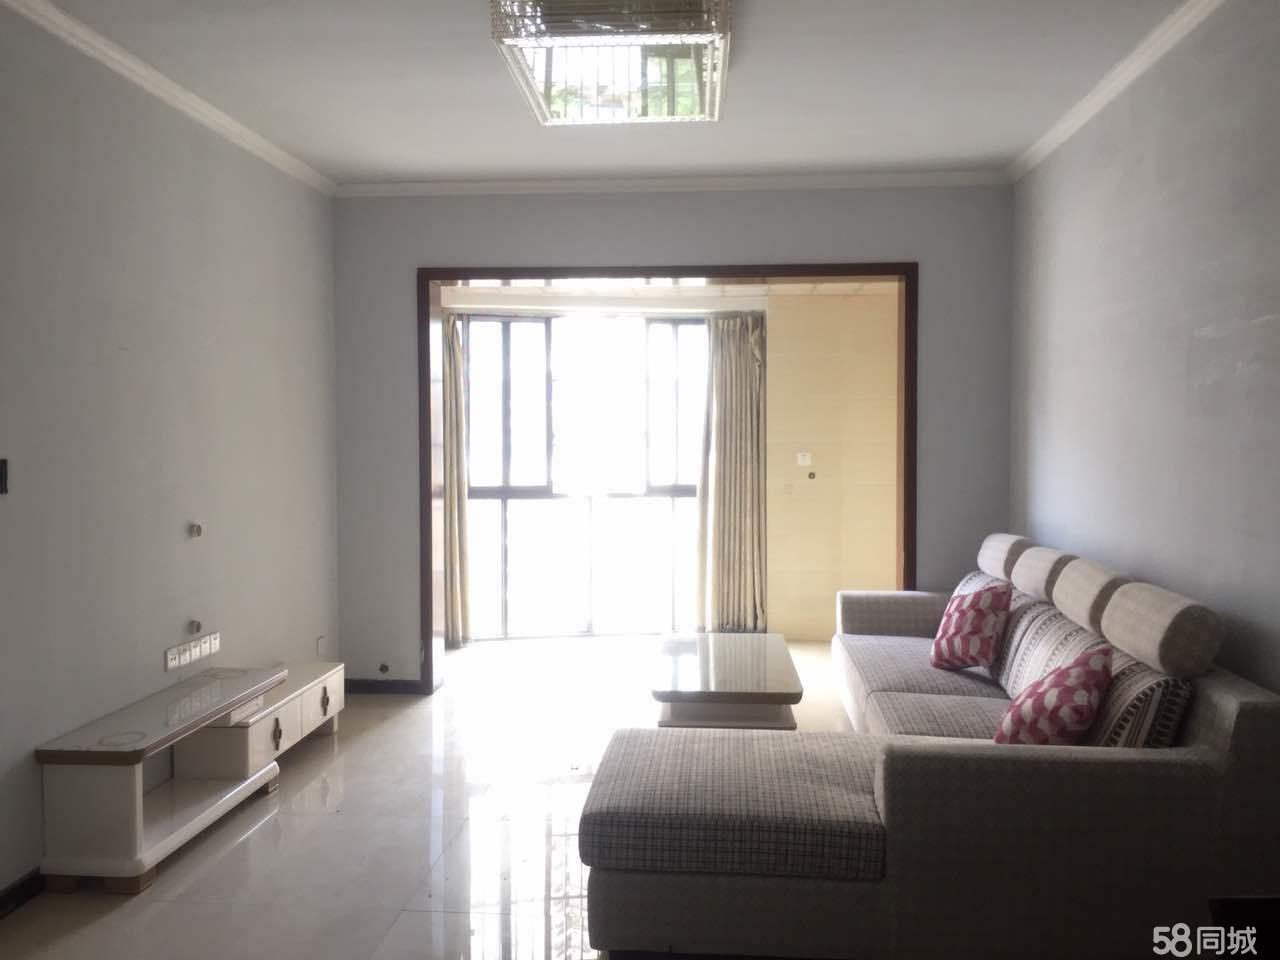 翰林名苑家具家电齐全两个空调中装两房有钥匙随时看房